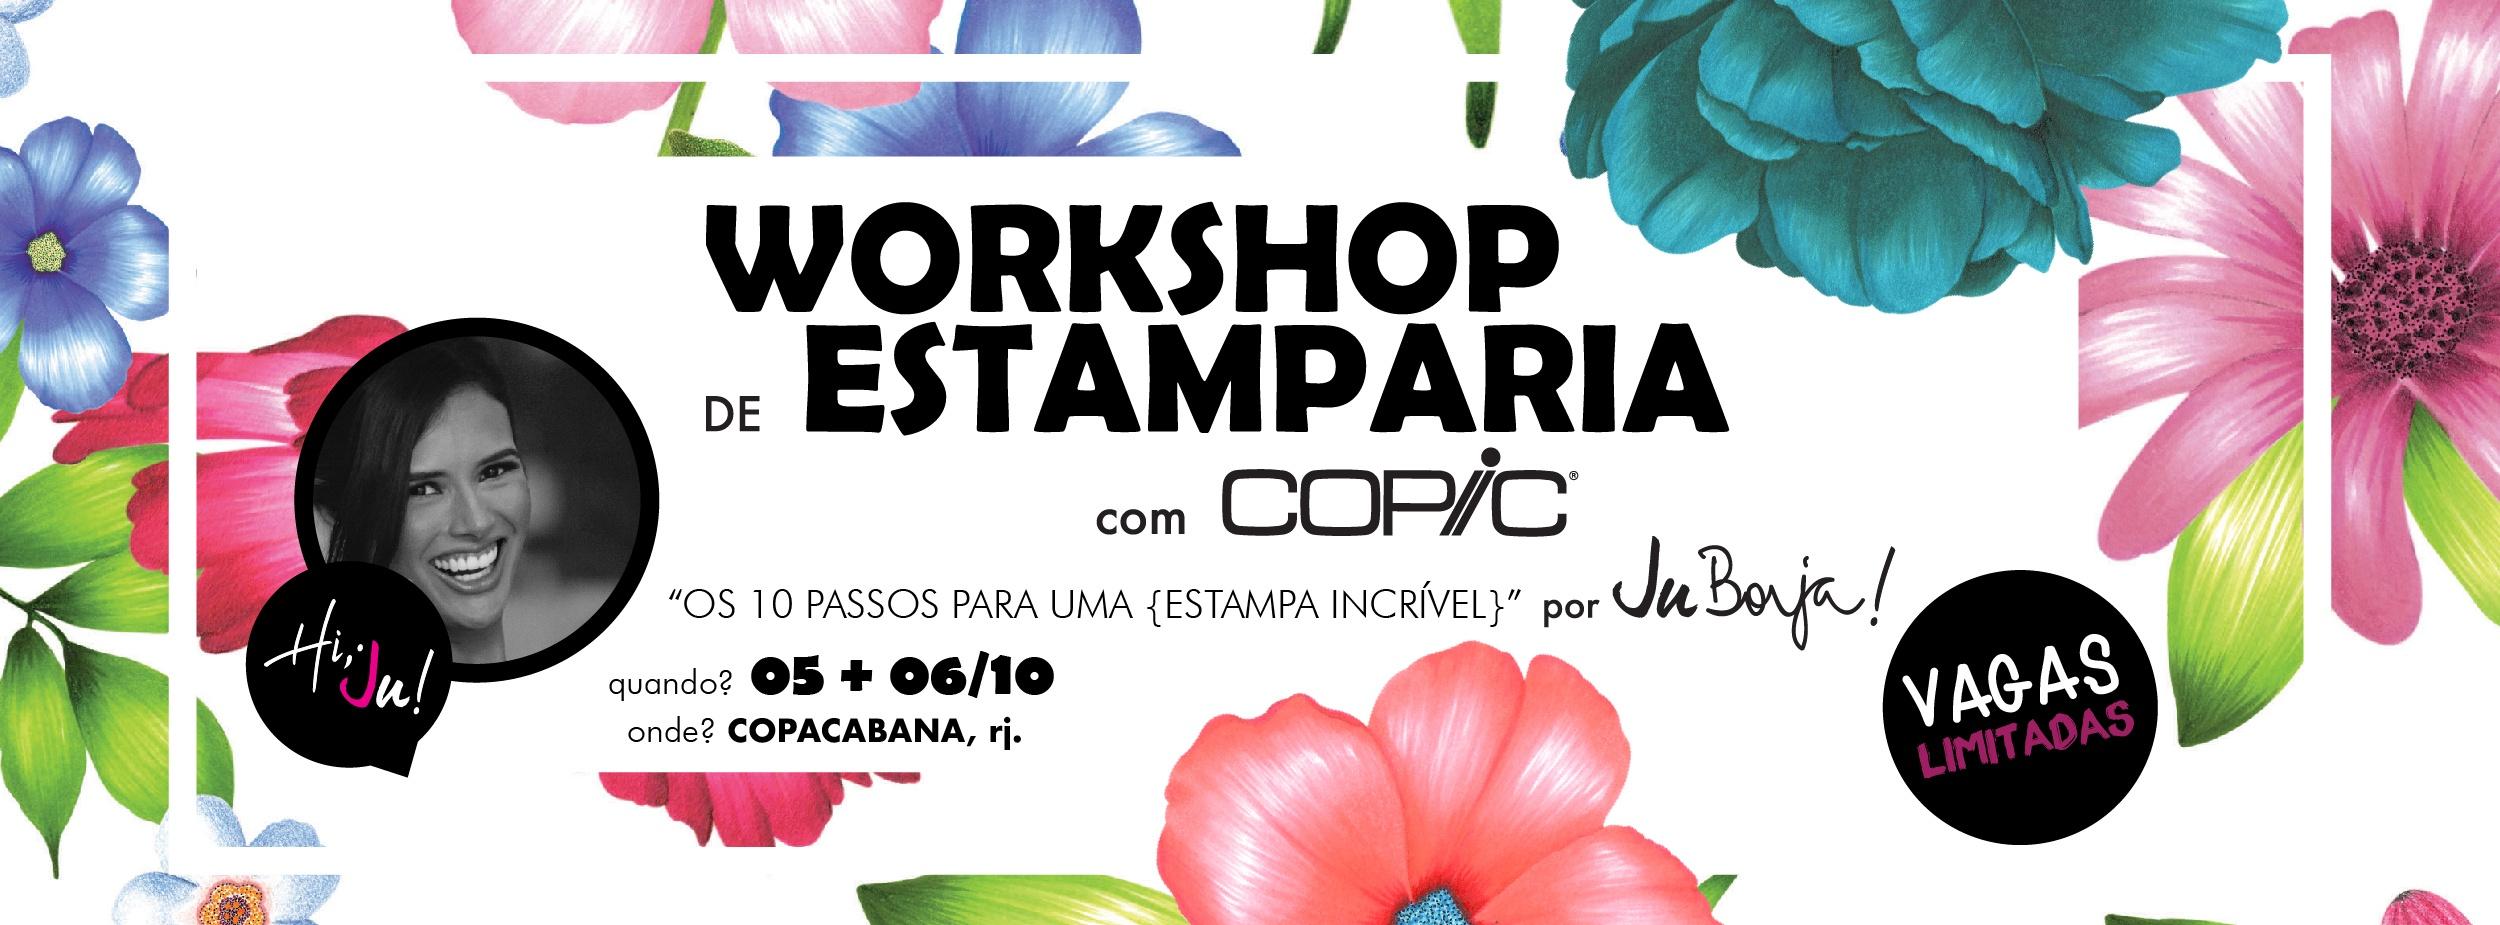 """7ff9d08ca1 Workshop de Estamparia com COPIC  """"os 10 passos para uma  ESTAMPA  INCRÍVEL """"   por Ju Borja. - Sympla"""